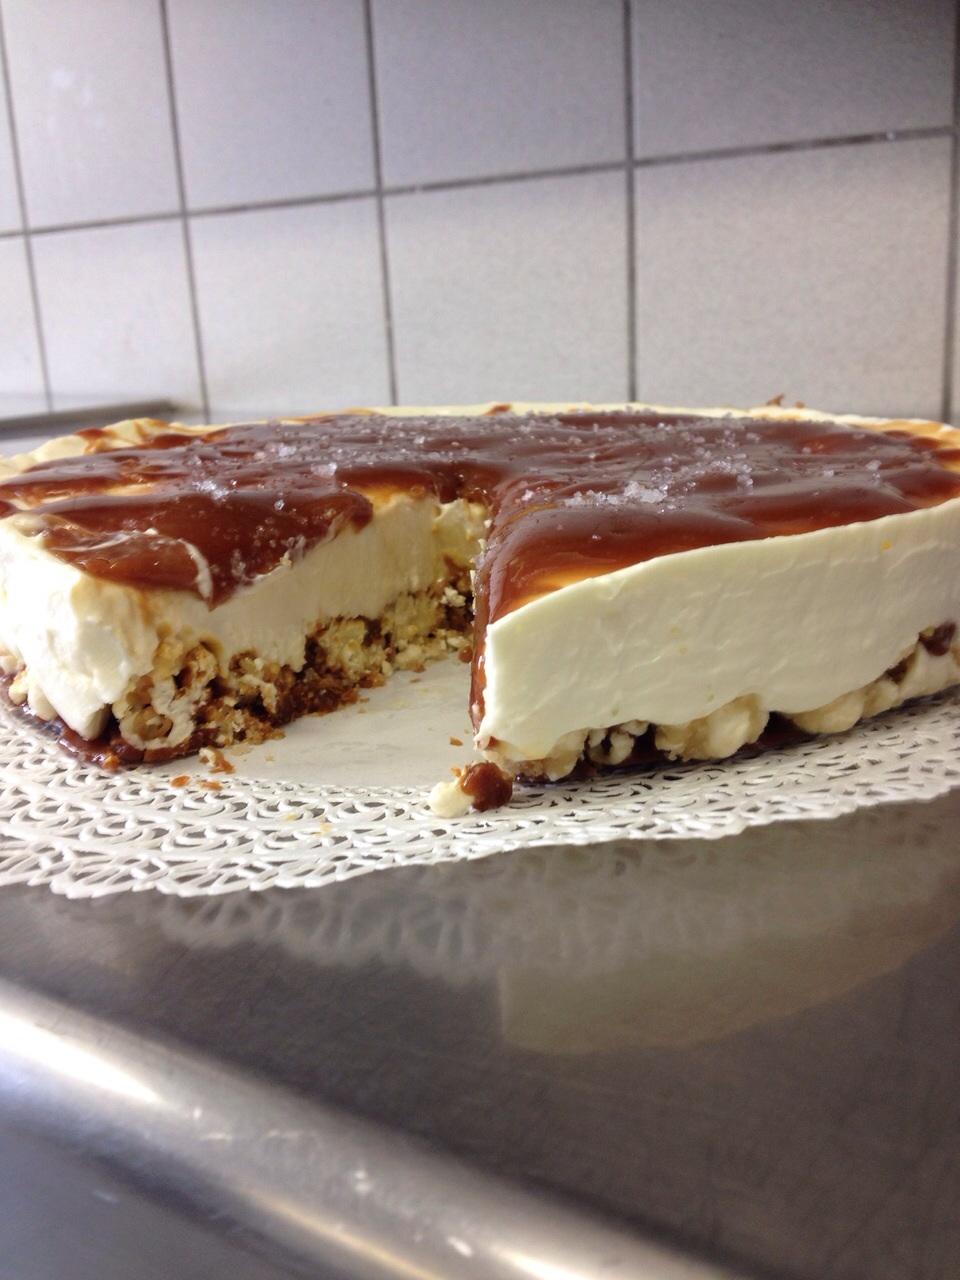 Cheesecake a freddo con base di mais scoppiato caramellato e copertura al caramello salato6